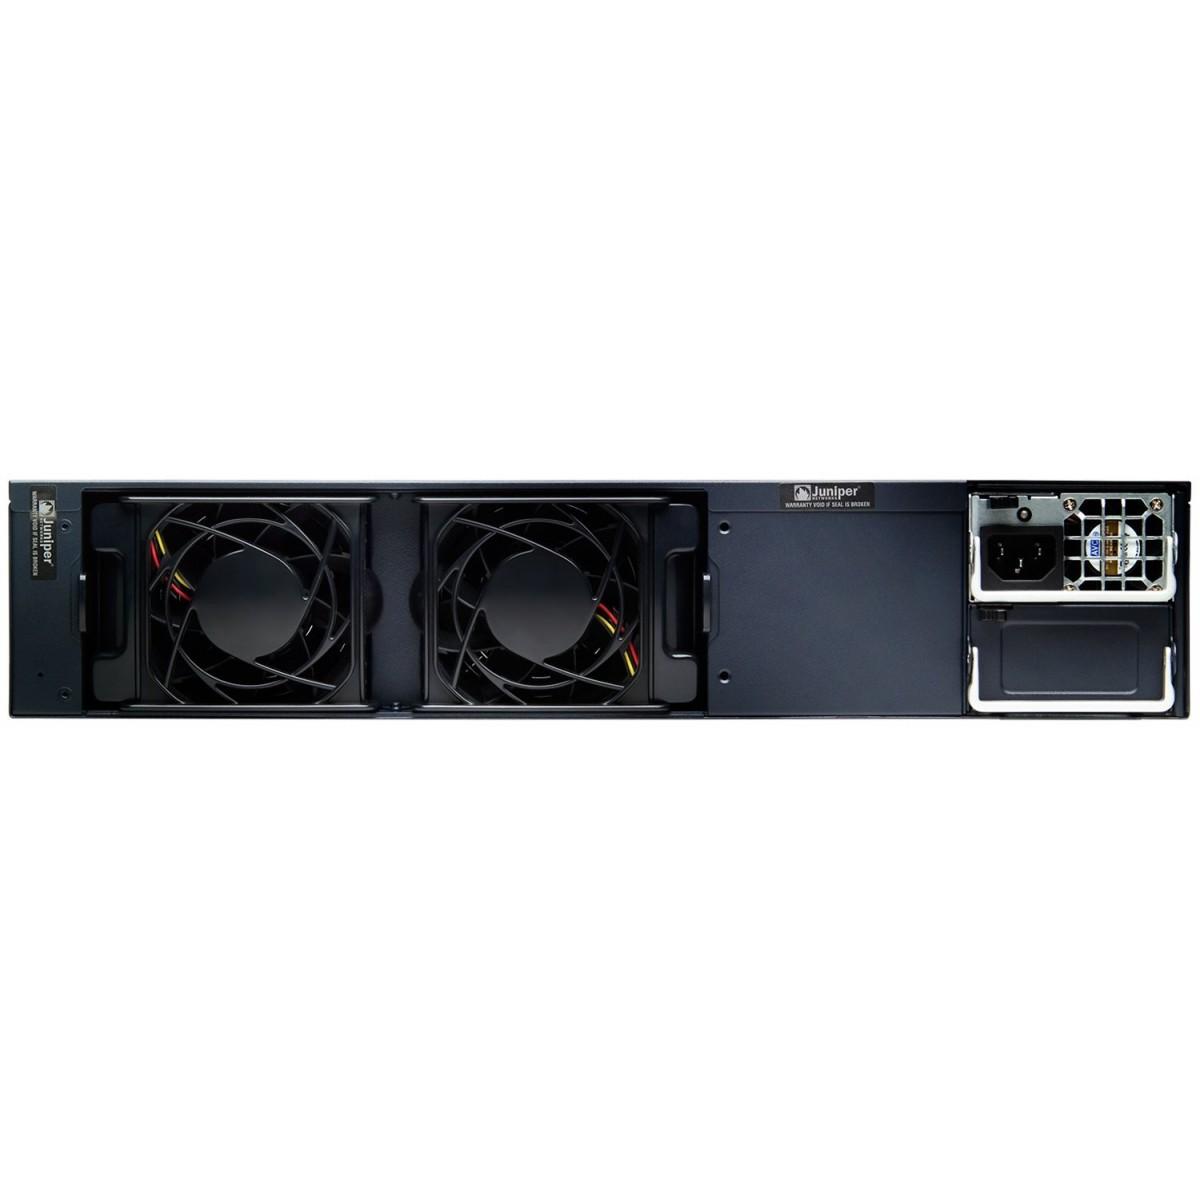 HP DL580 G7 4x2.66 6-CORE 64GB 2x146SAS 2x1TB SATA